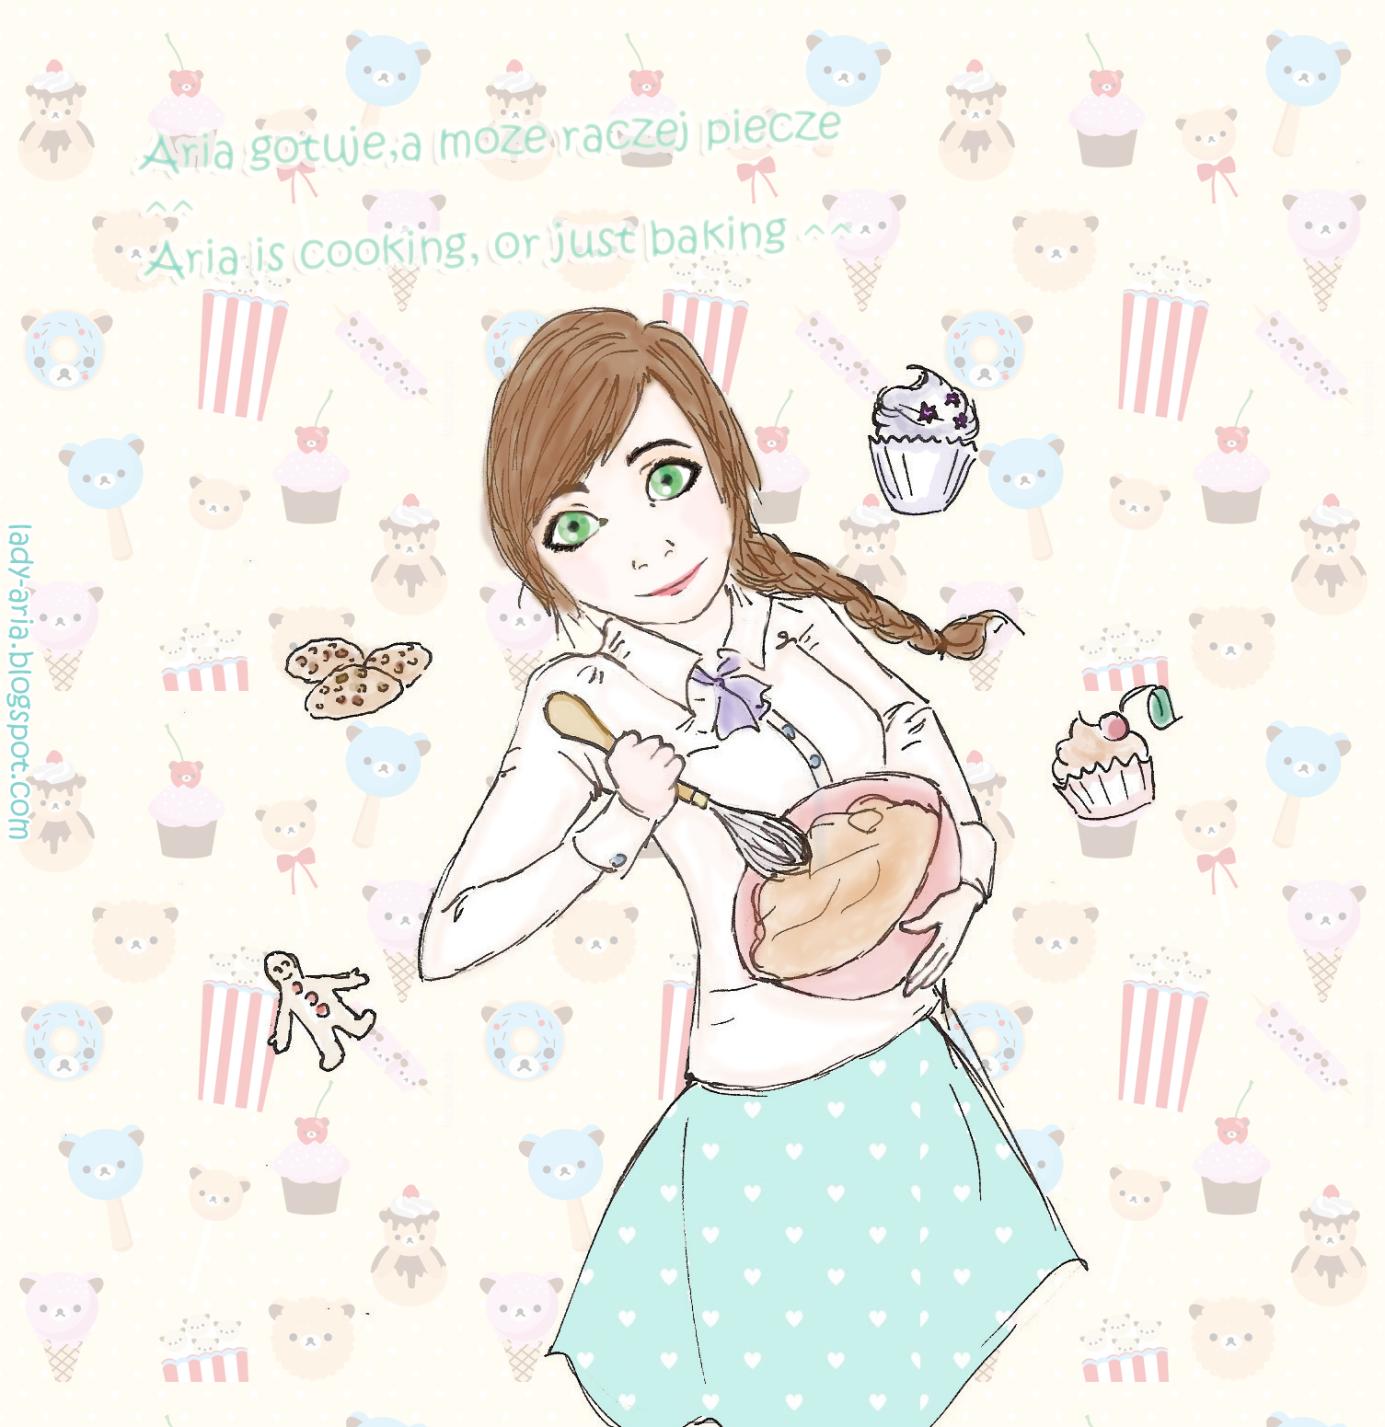 ~14 Kruche ciasteczka i ciasto z kruszonką